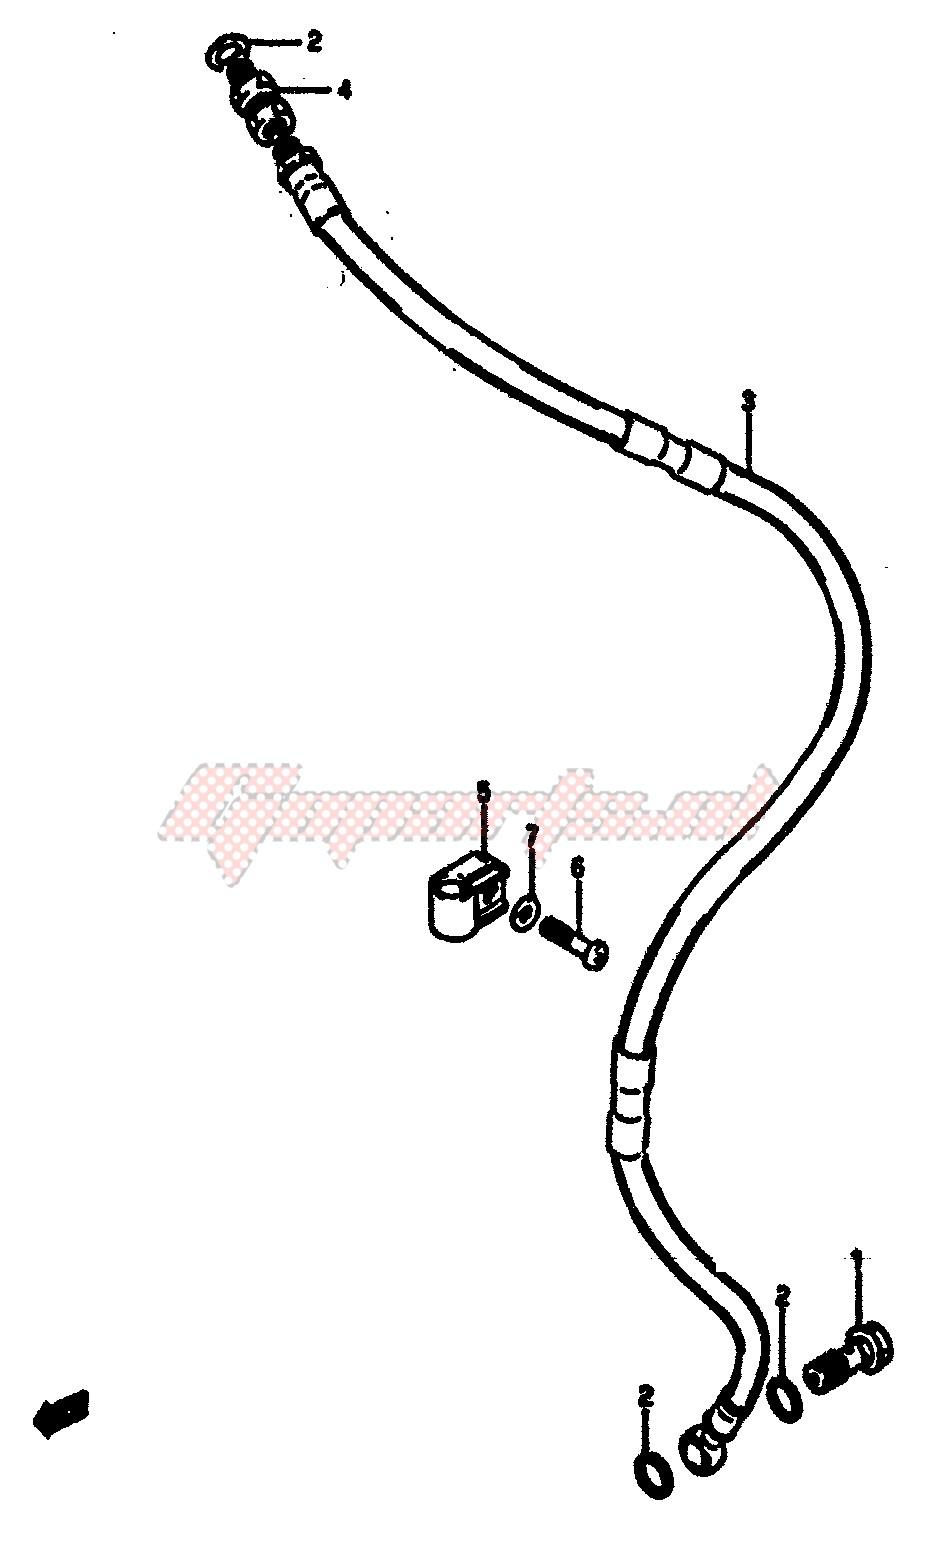 FRONT BRAKE HOSE (MODEL F) image